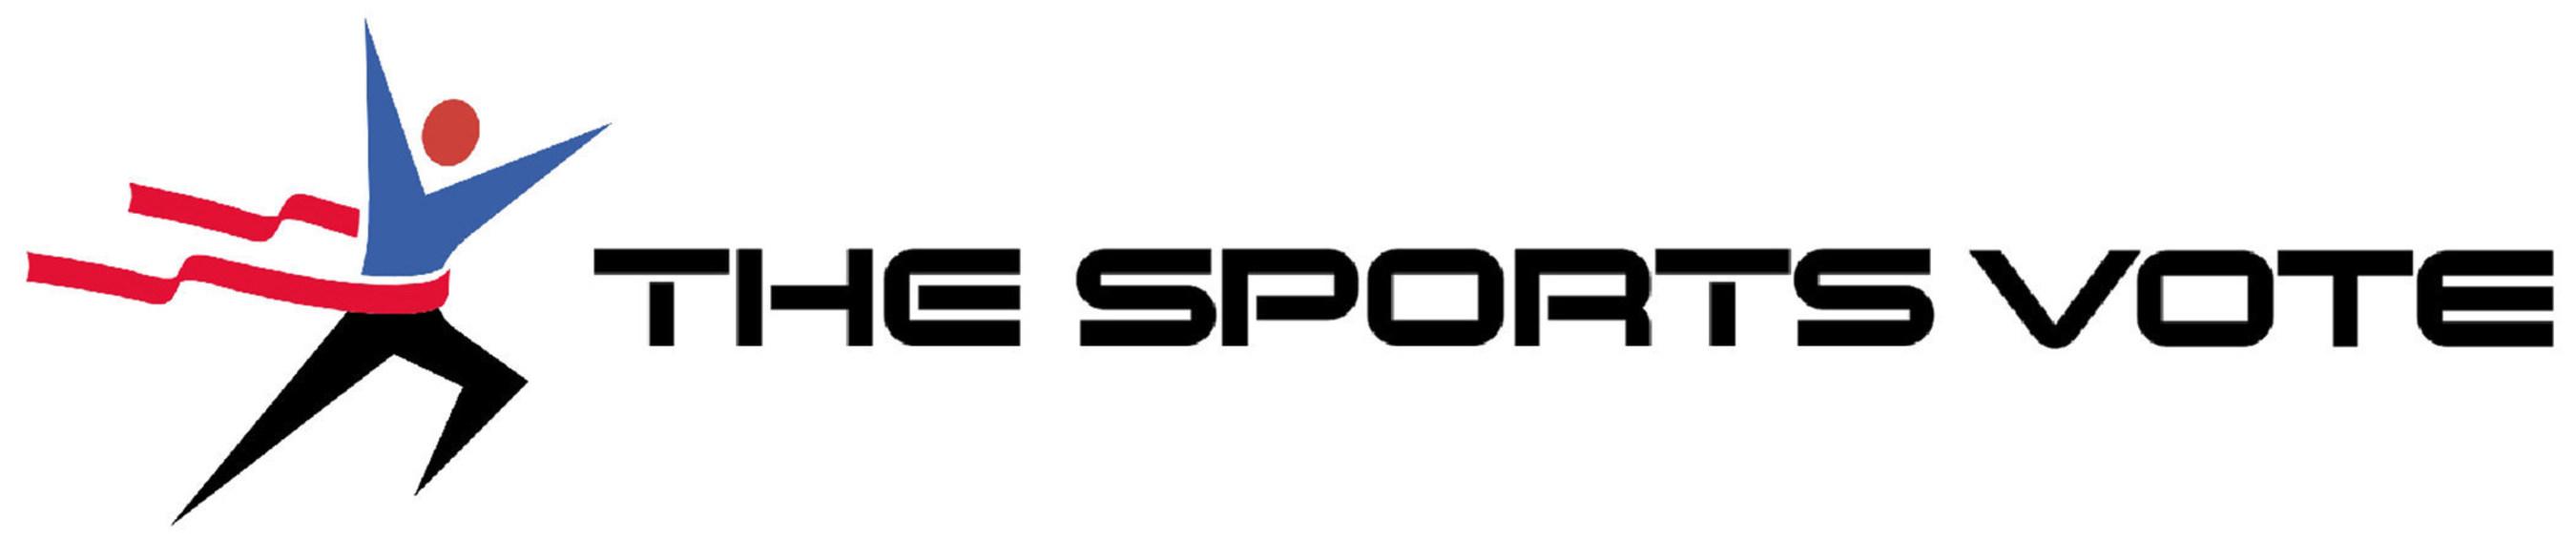 The Sports Vote (http://www.TheSportsVote.com/)